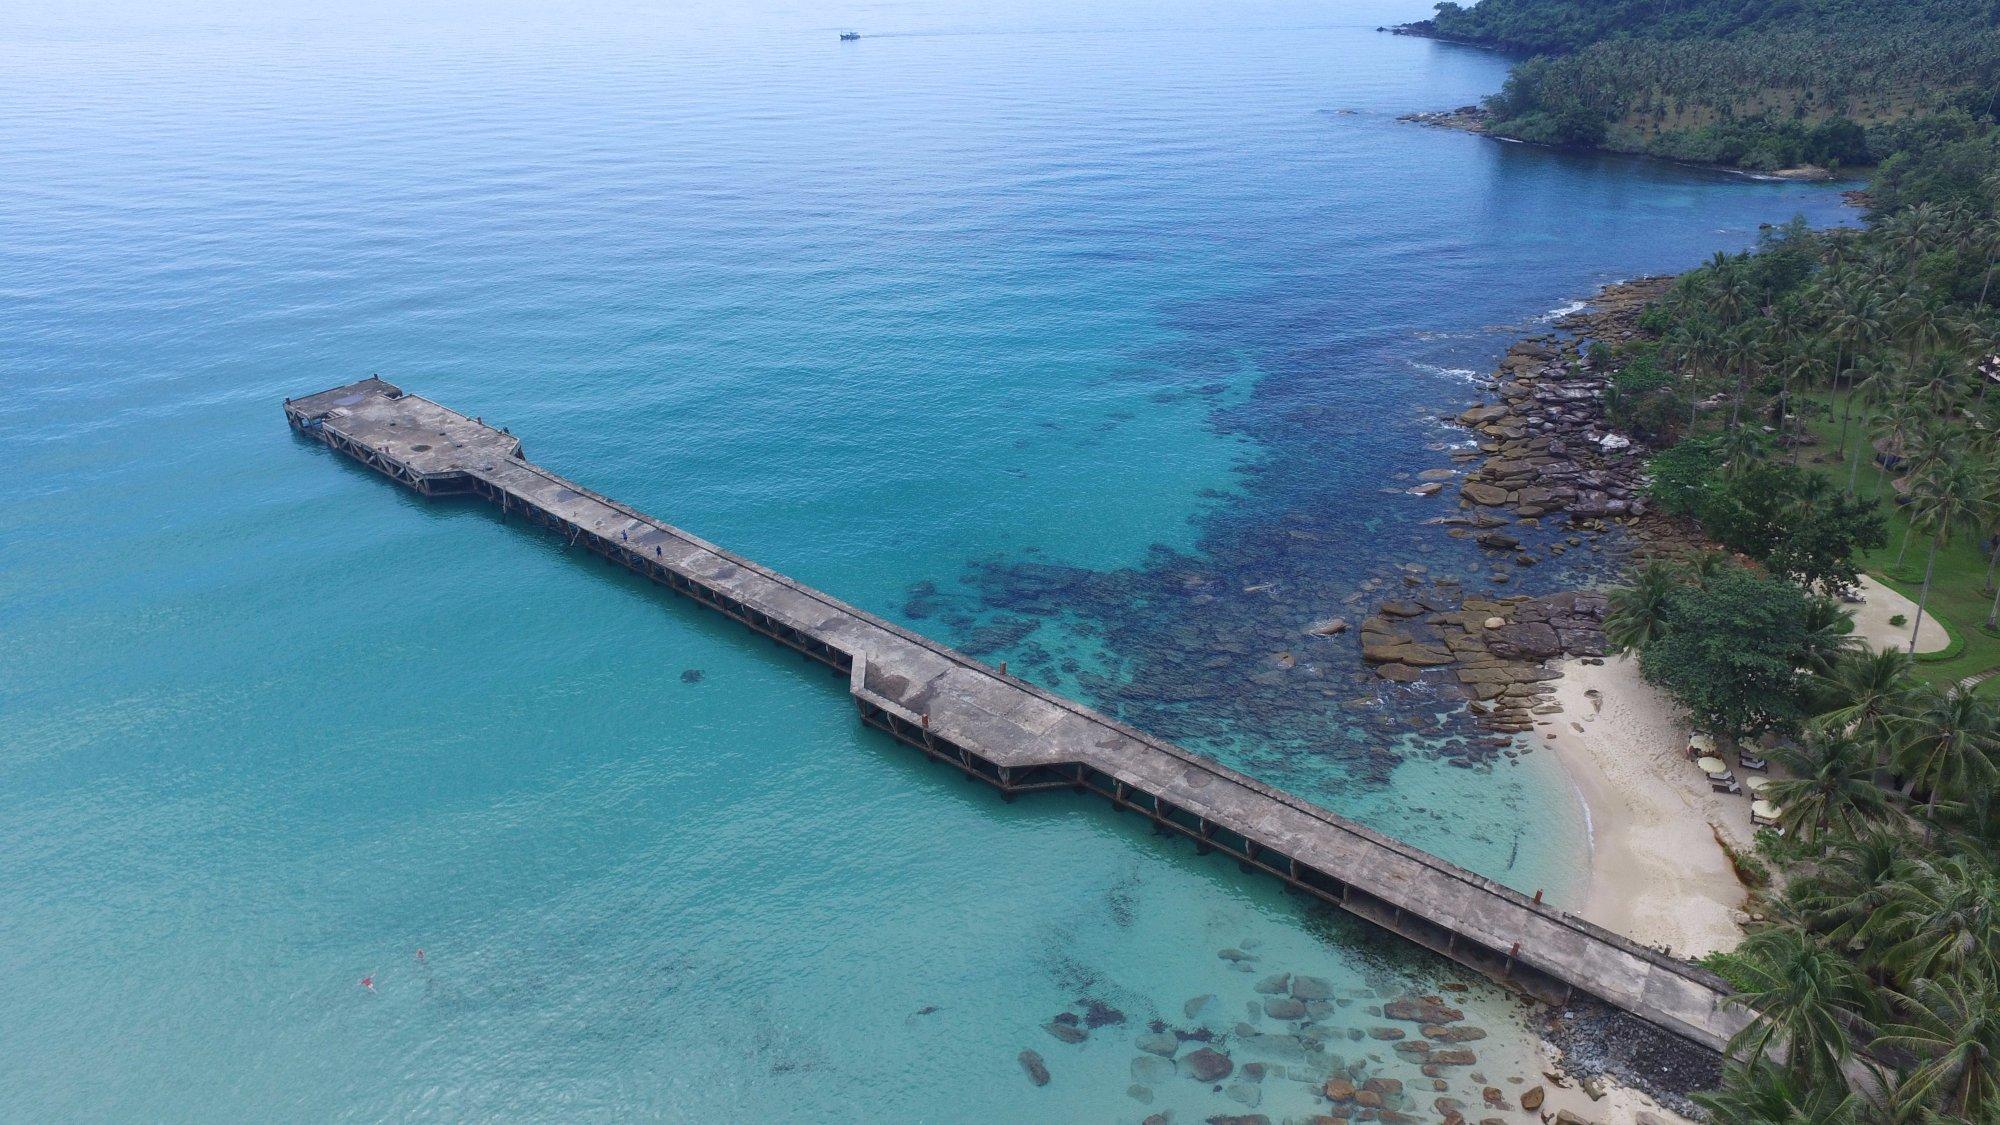 เกาะกูด พาราไดซ์ บีช